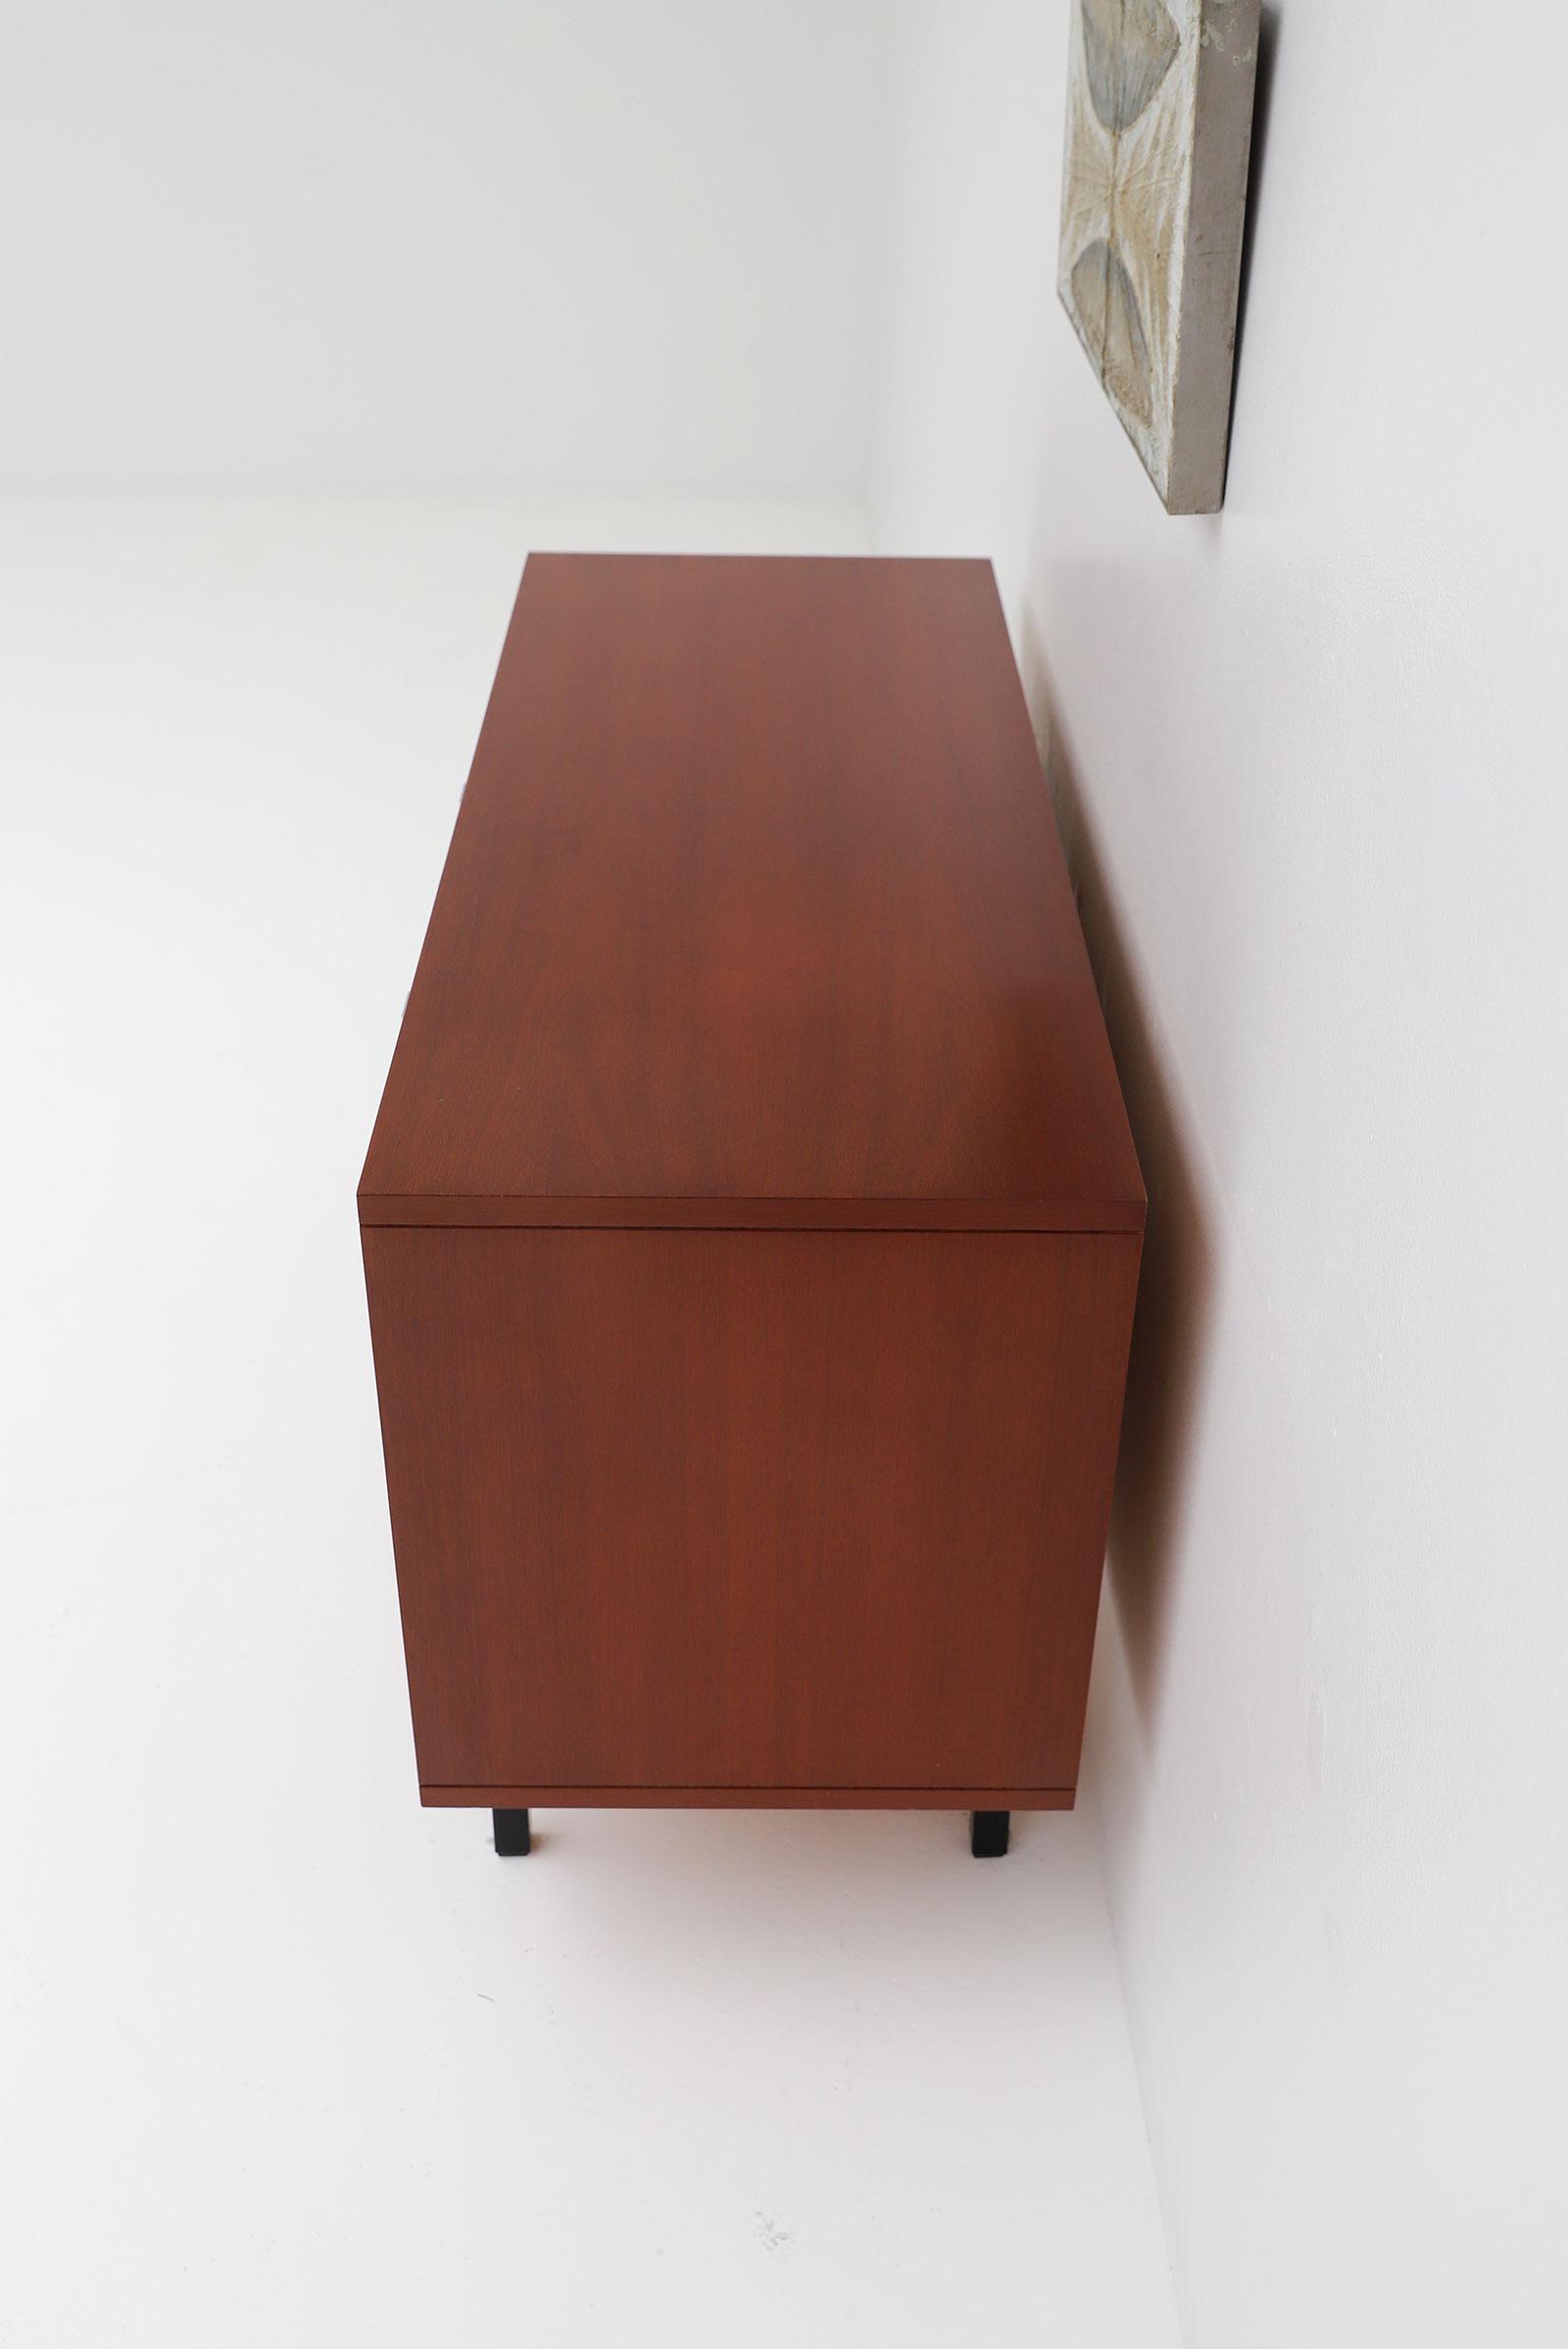 Alfred Hendrickx Cabinet Belformimage 8